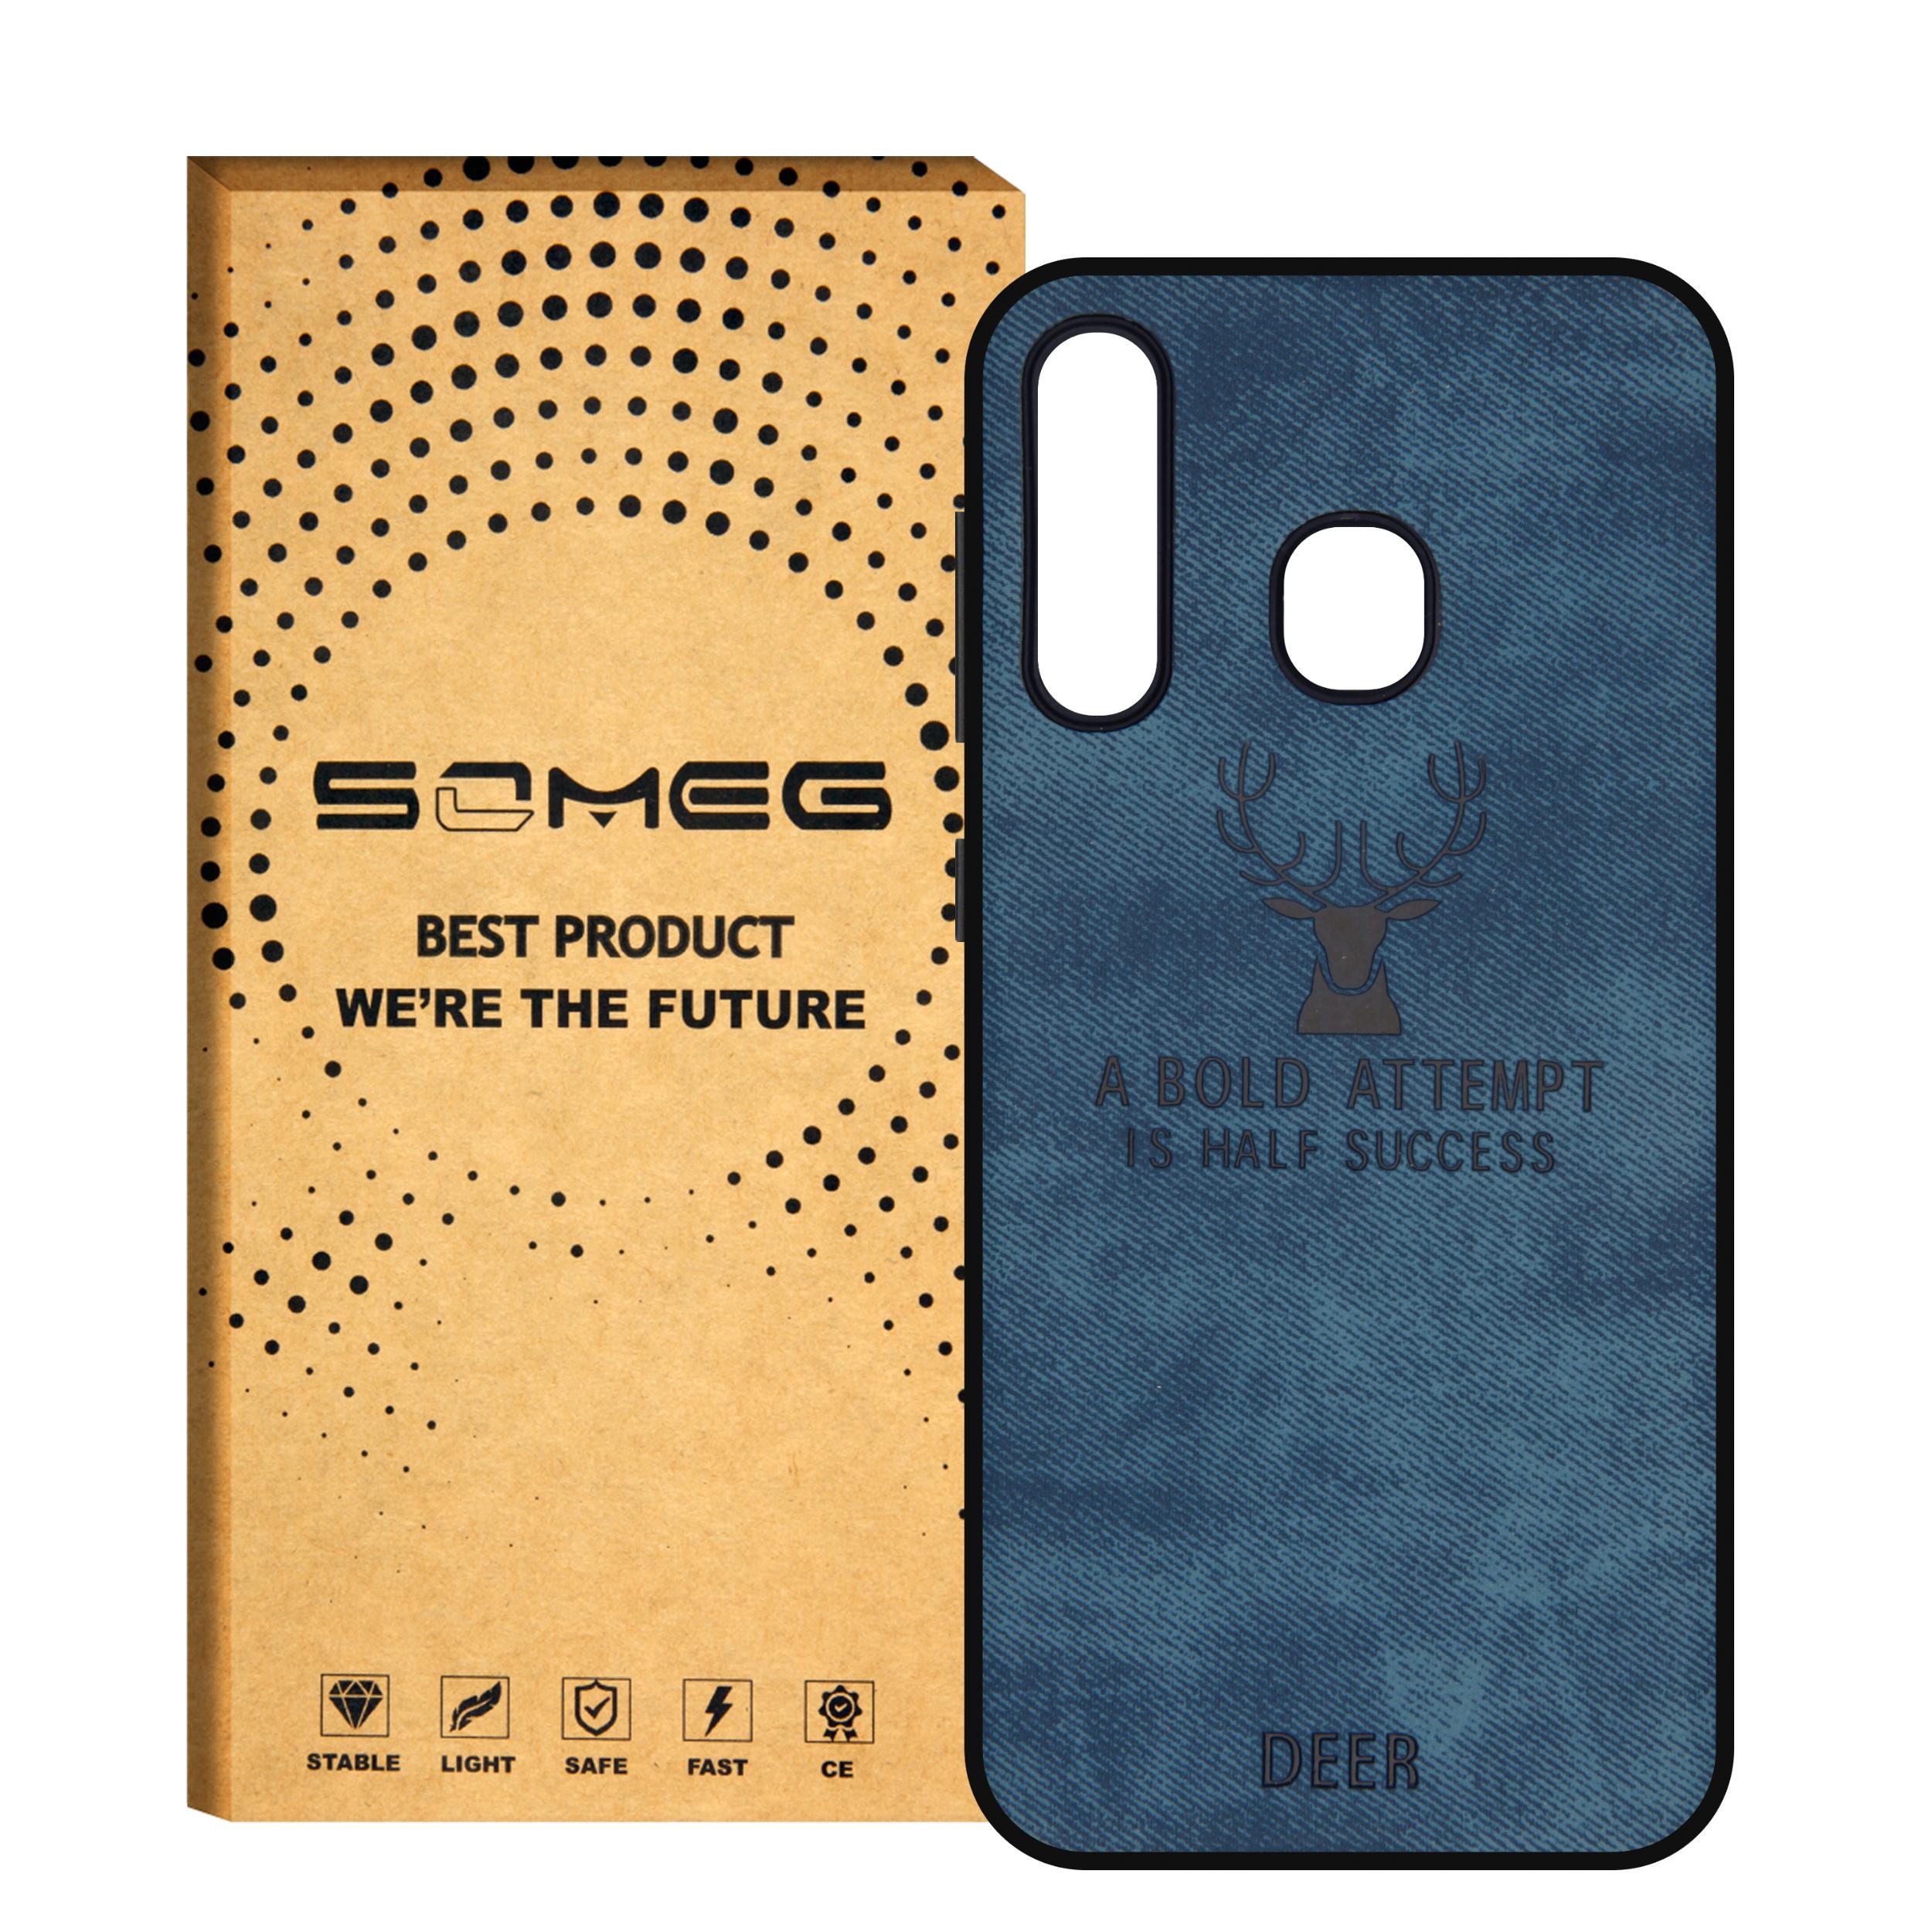 کاور سومگ مدل SMG-Der02 مناسب گوشی موبایل سامسونگ Galaxy A20/A30               ( قیمت و خرید)